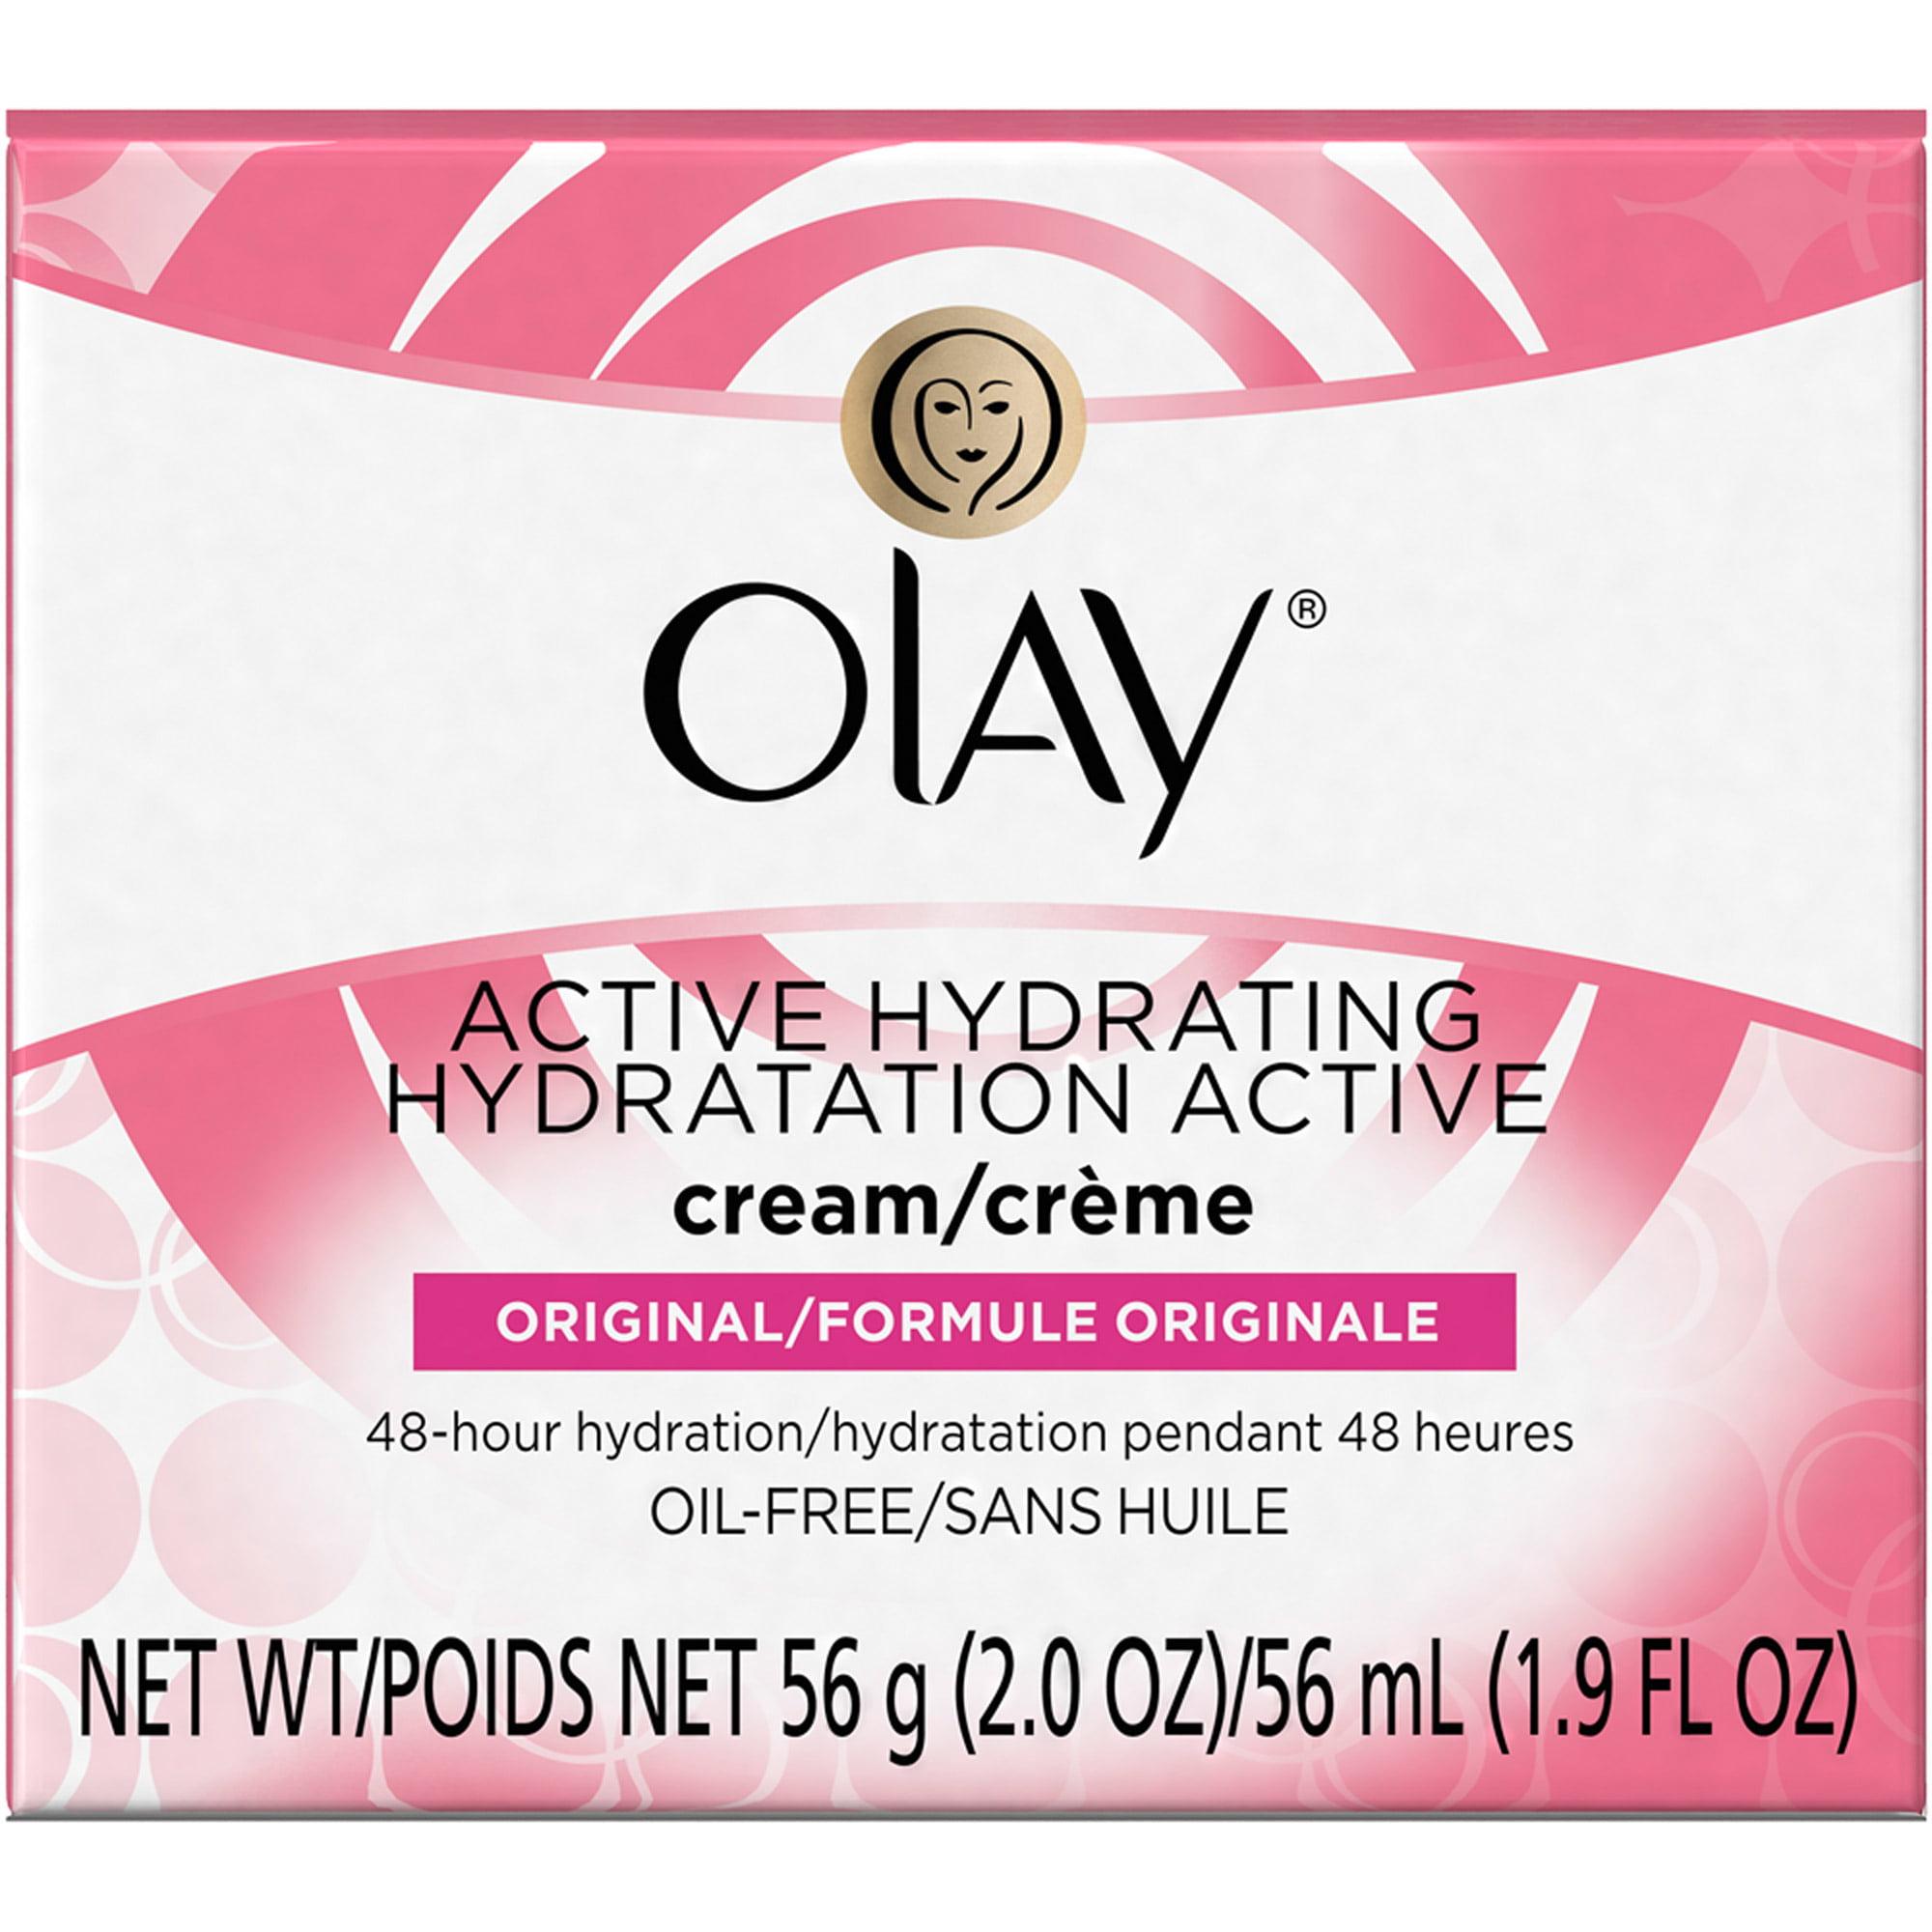 Olay Active Hydrating Facial Moisturizer Cream, 2.0 oz